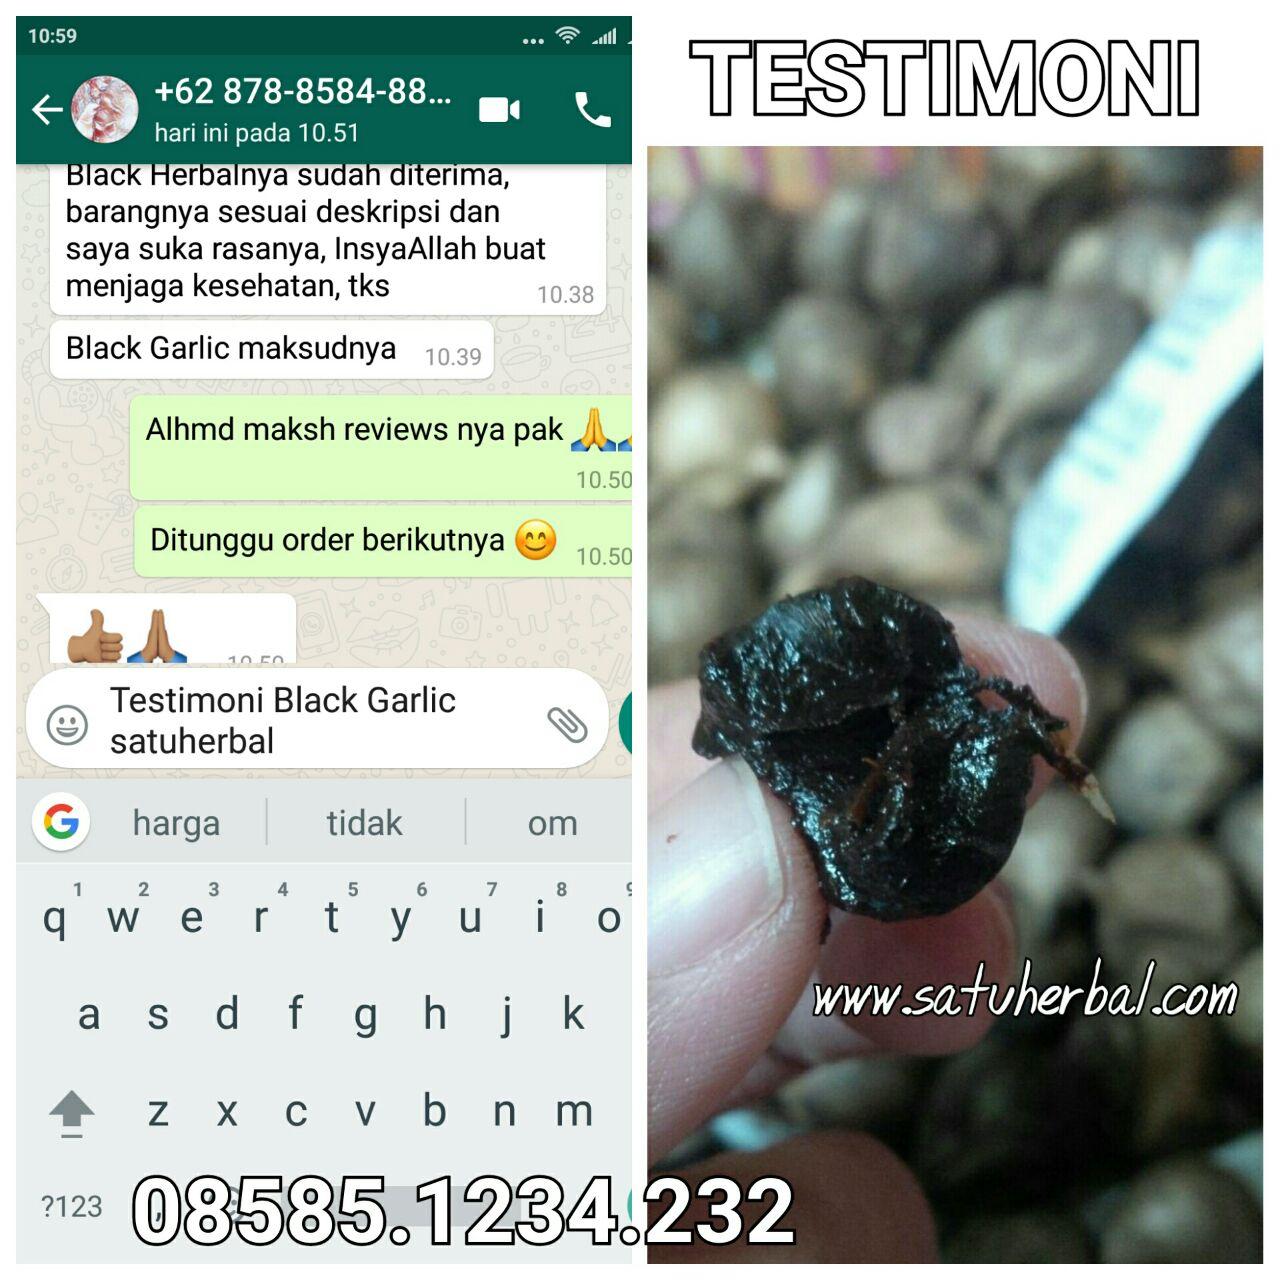 Lagi Testimoni Black Garlic Bawang Putih Hitam Satuherbal Tunggal 500 Gr